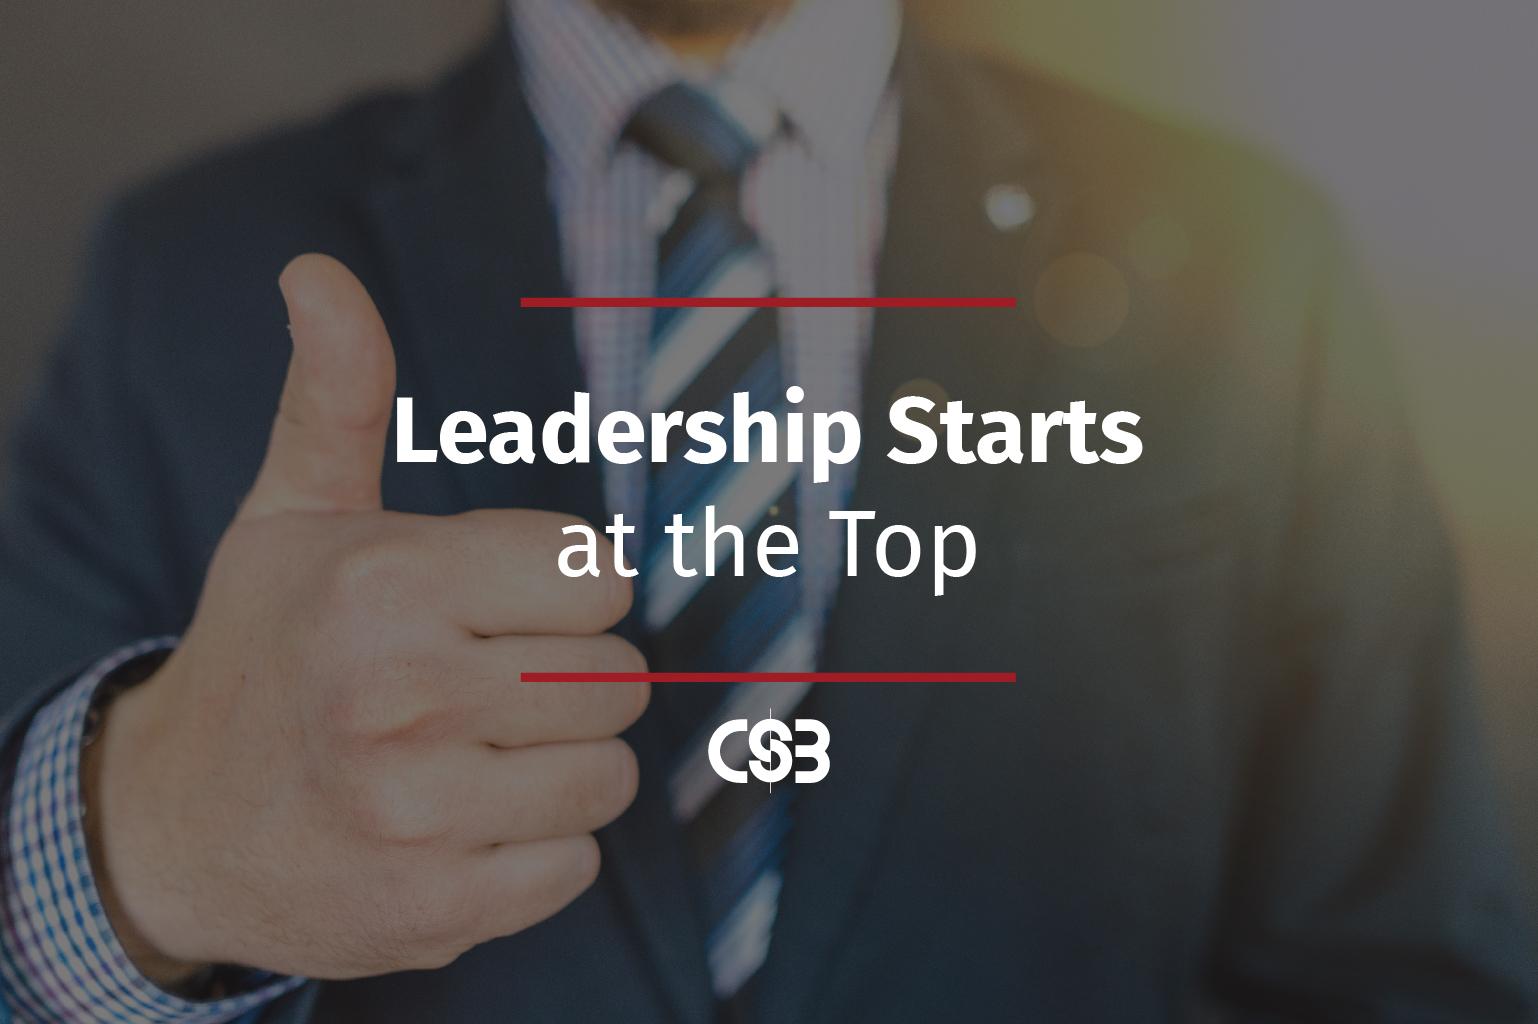 Leadership-Starts-at-the-Top